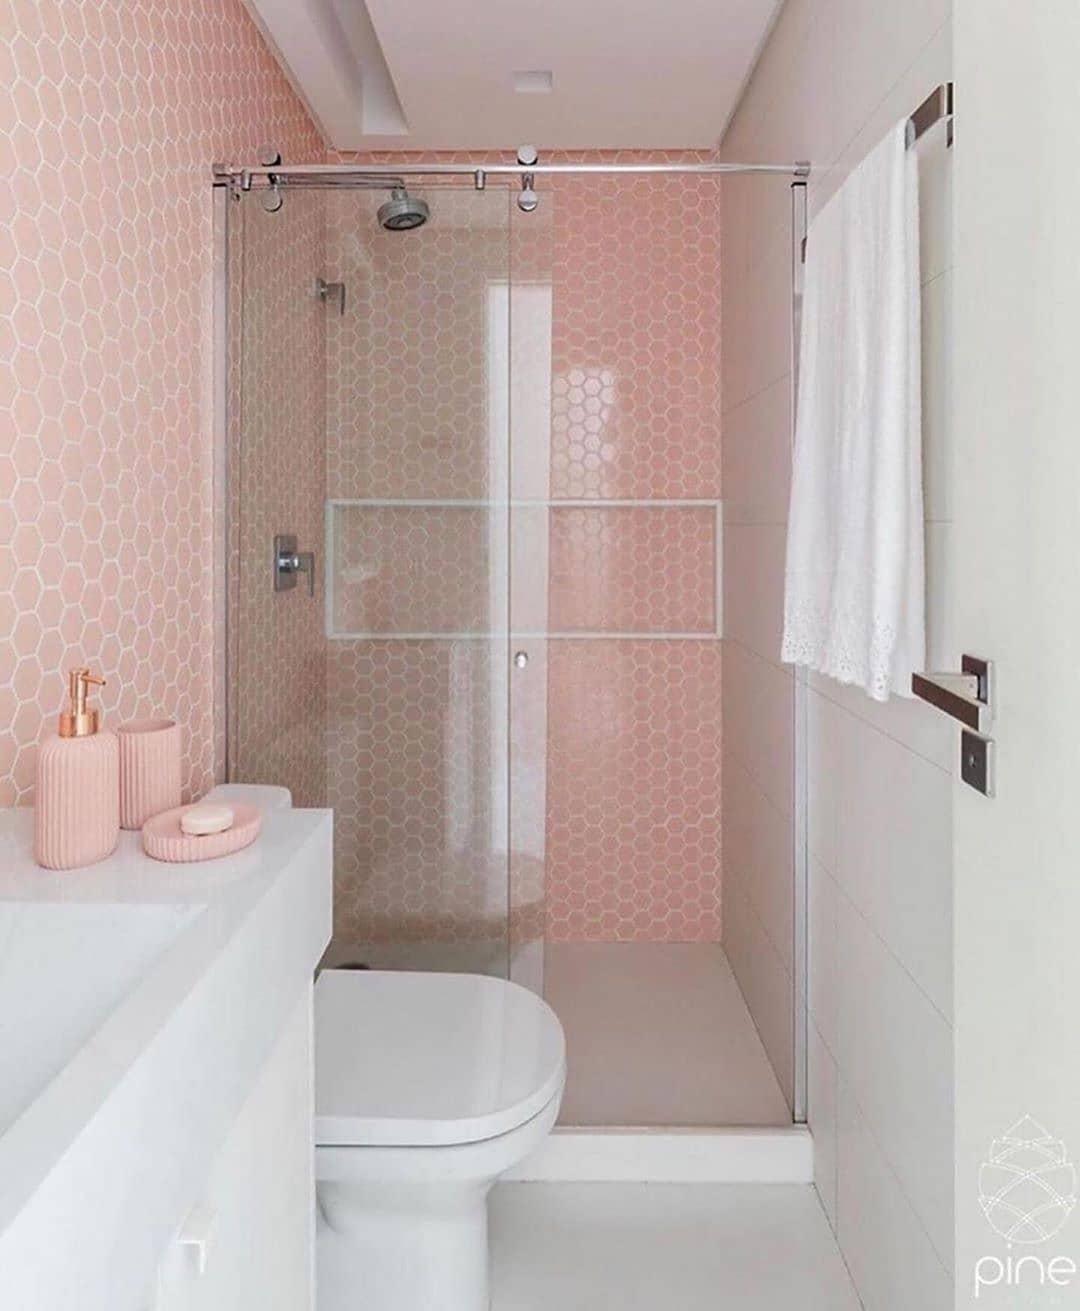 Banheiro rosa e branco com pastilhas e kit banheiro rosa